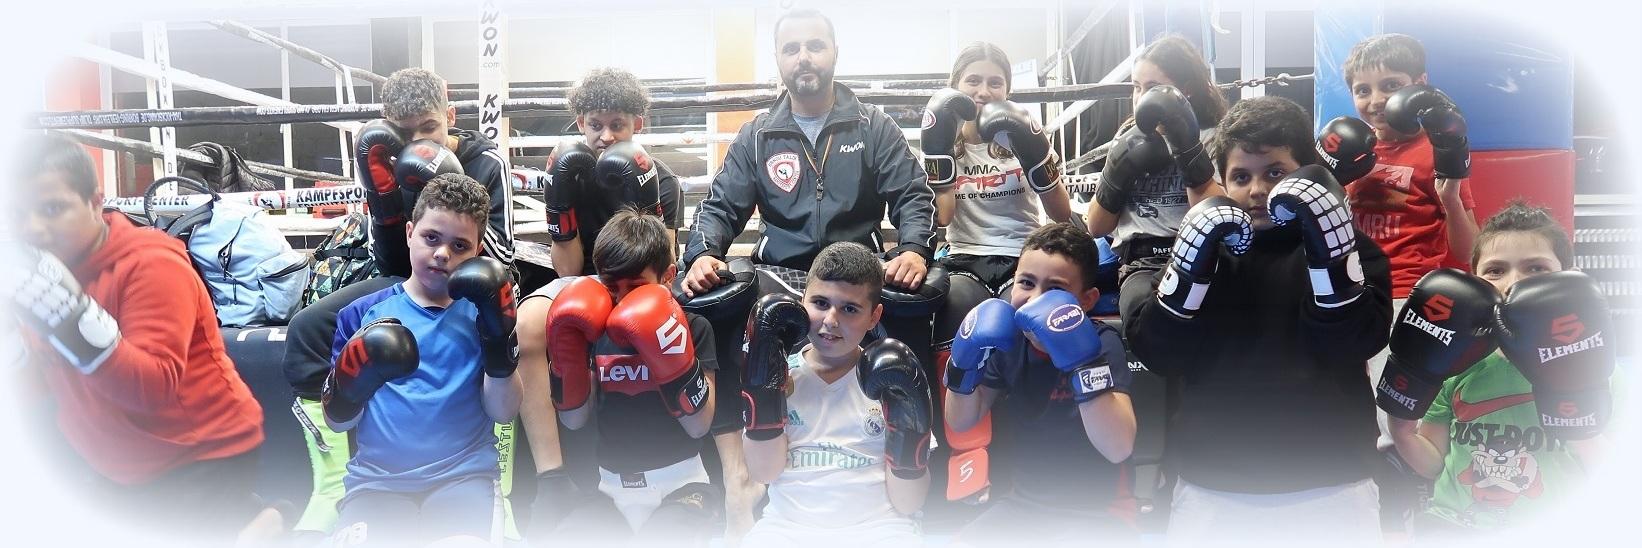 Kickboxen-Header-3-Kinder-und-Jugend